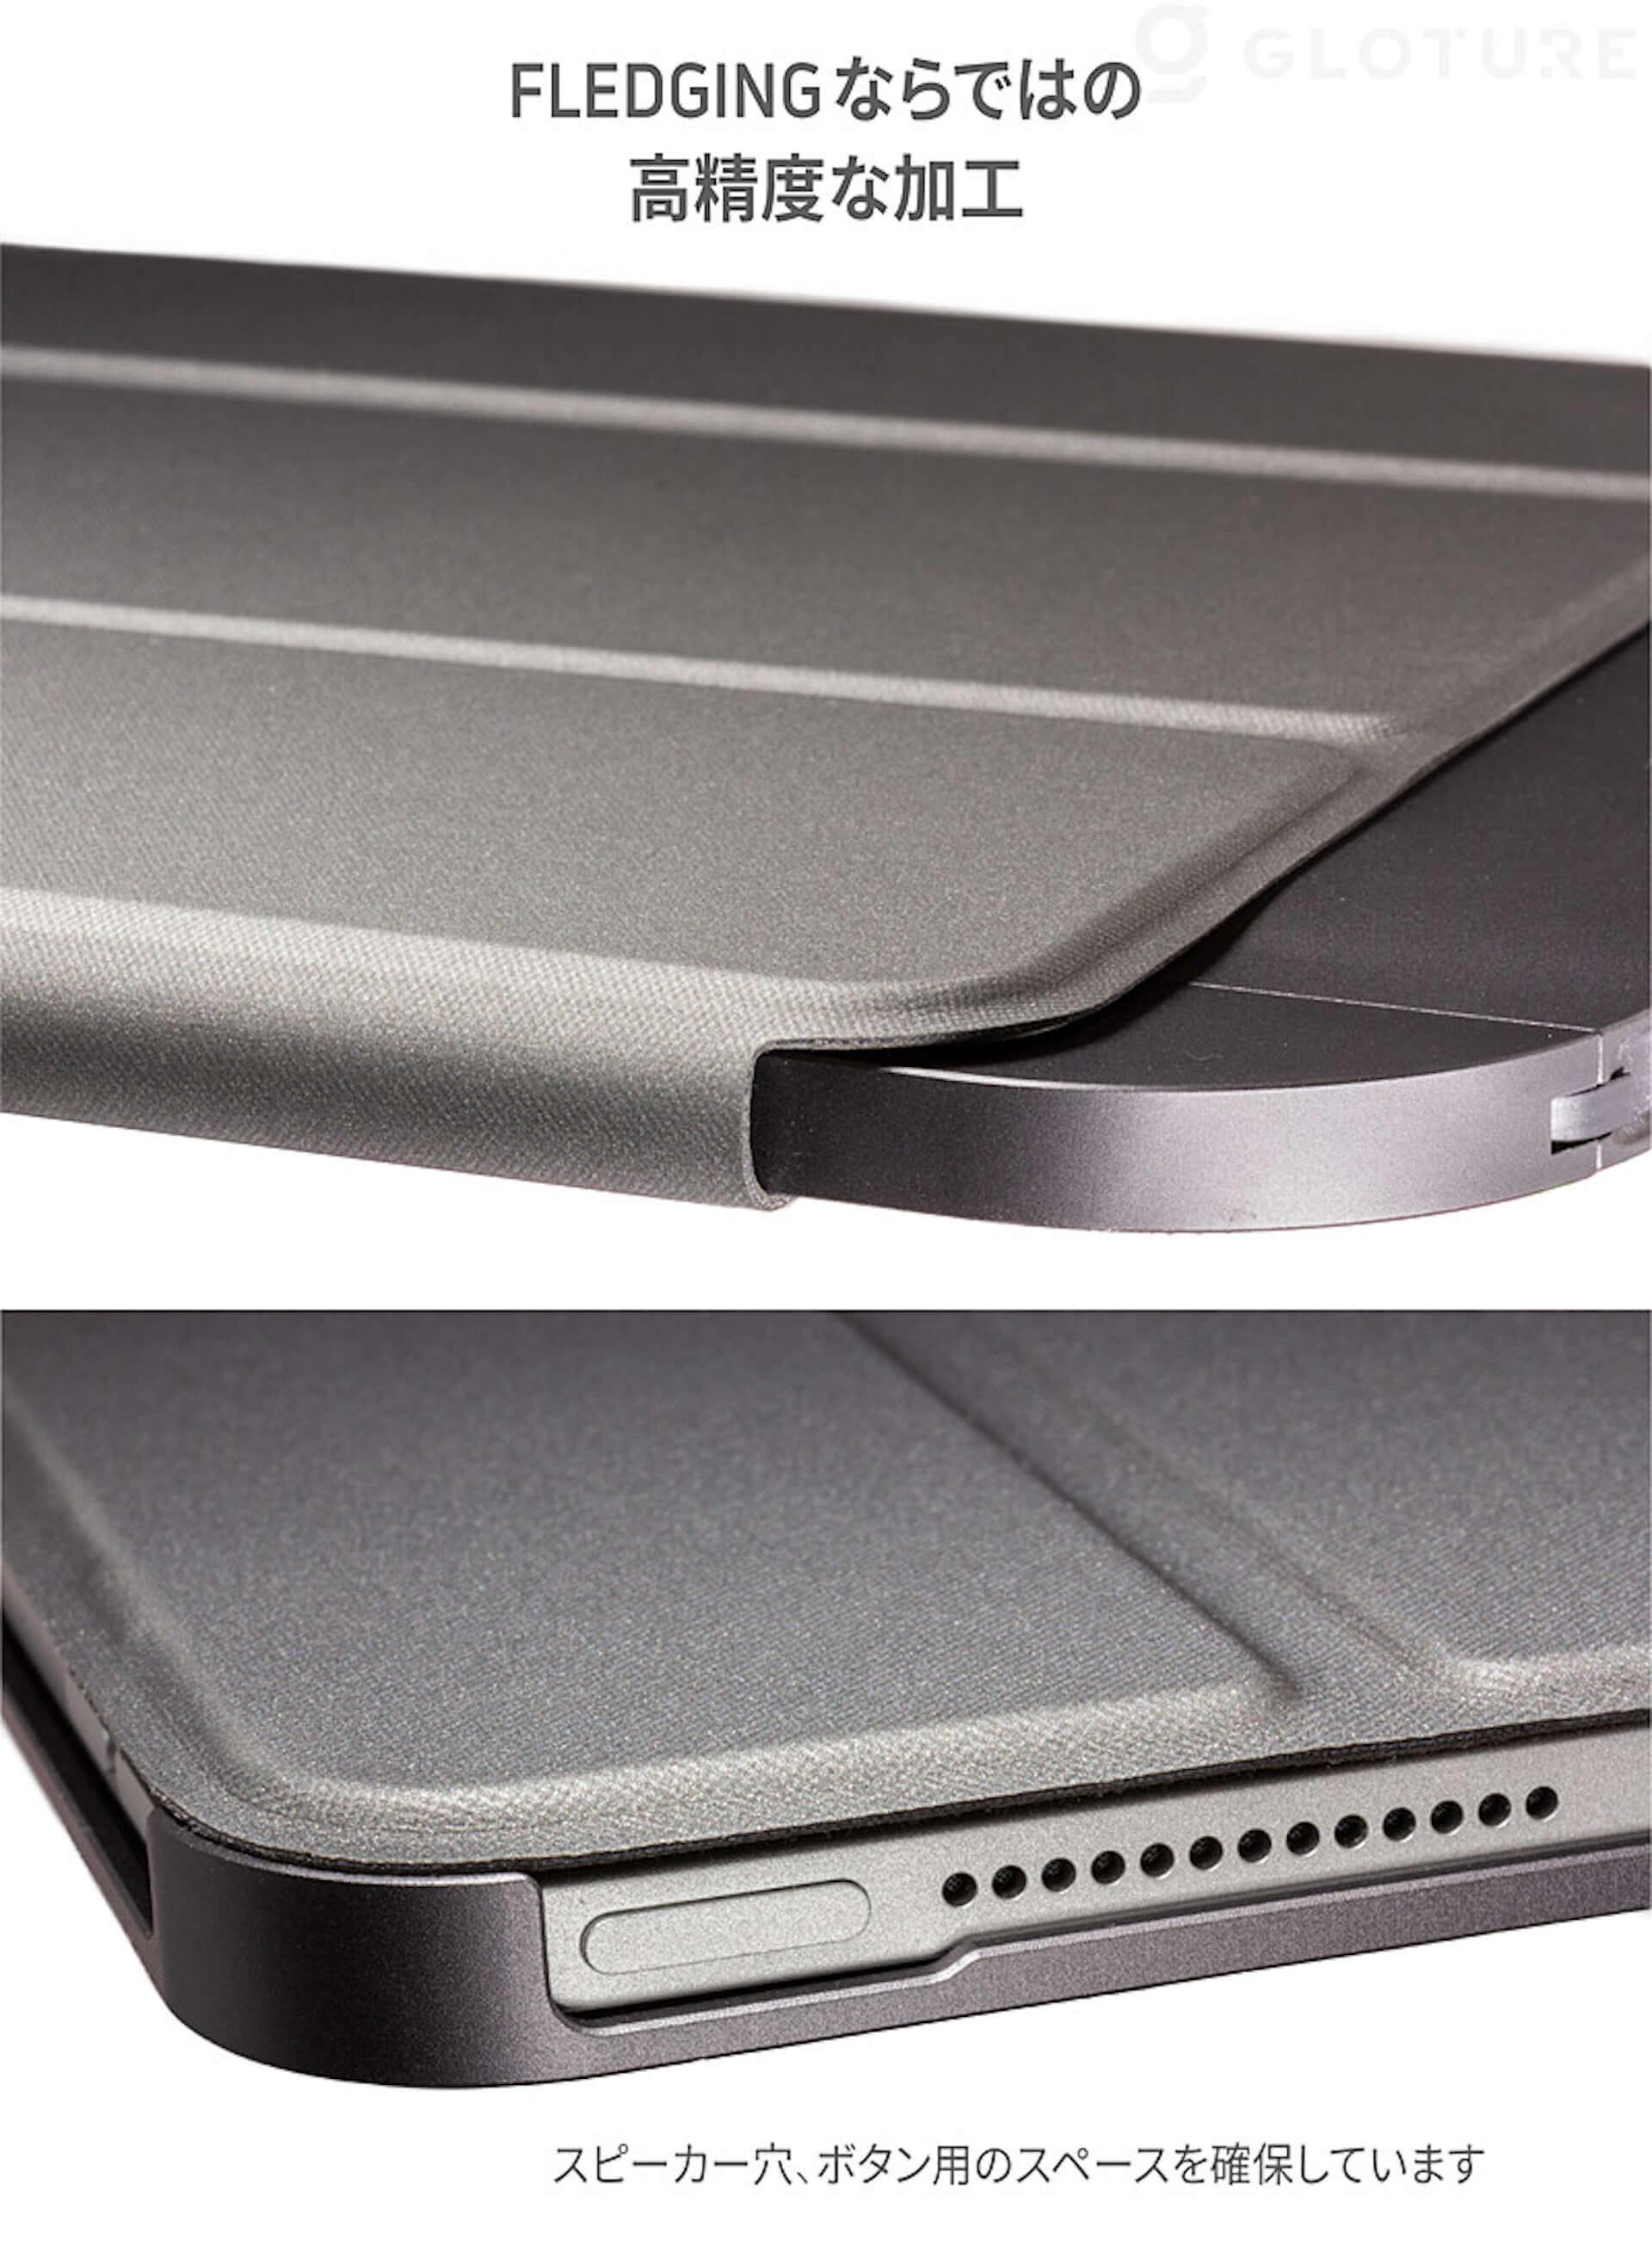 iPad Proの機能を強化できるハイエンドケース『FLEDGING HUBBLE』がGLOTURE.JPに登場!HDMIなど6つの拡張ポートを搭載 tech210323_gloture_1-1920x2609